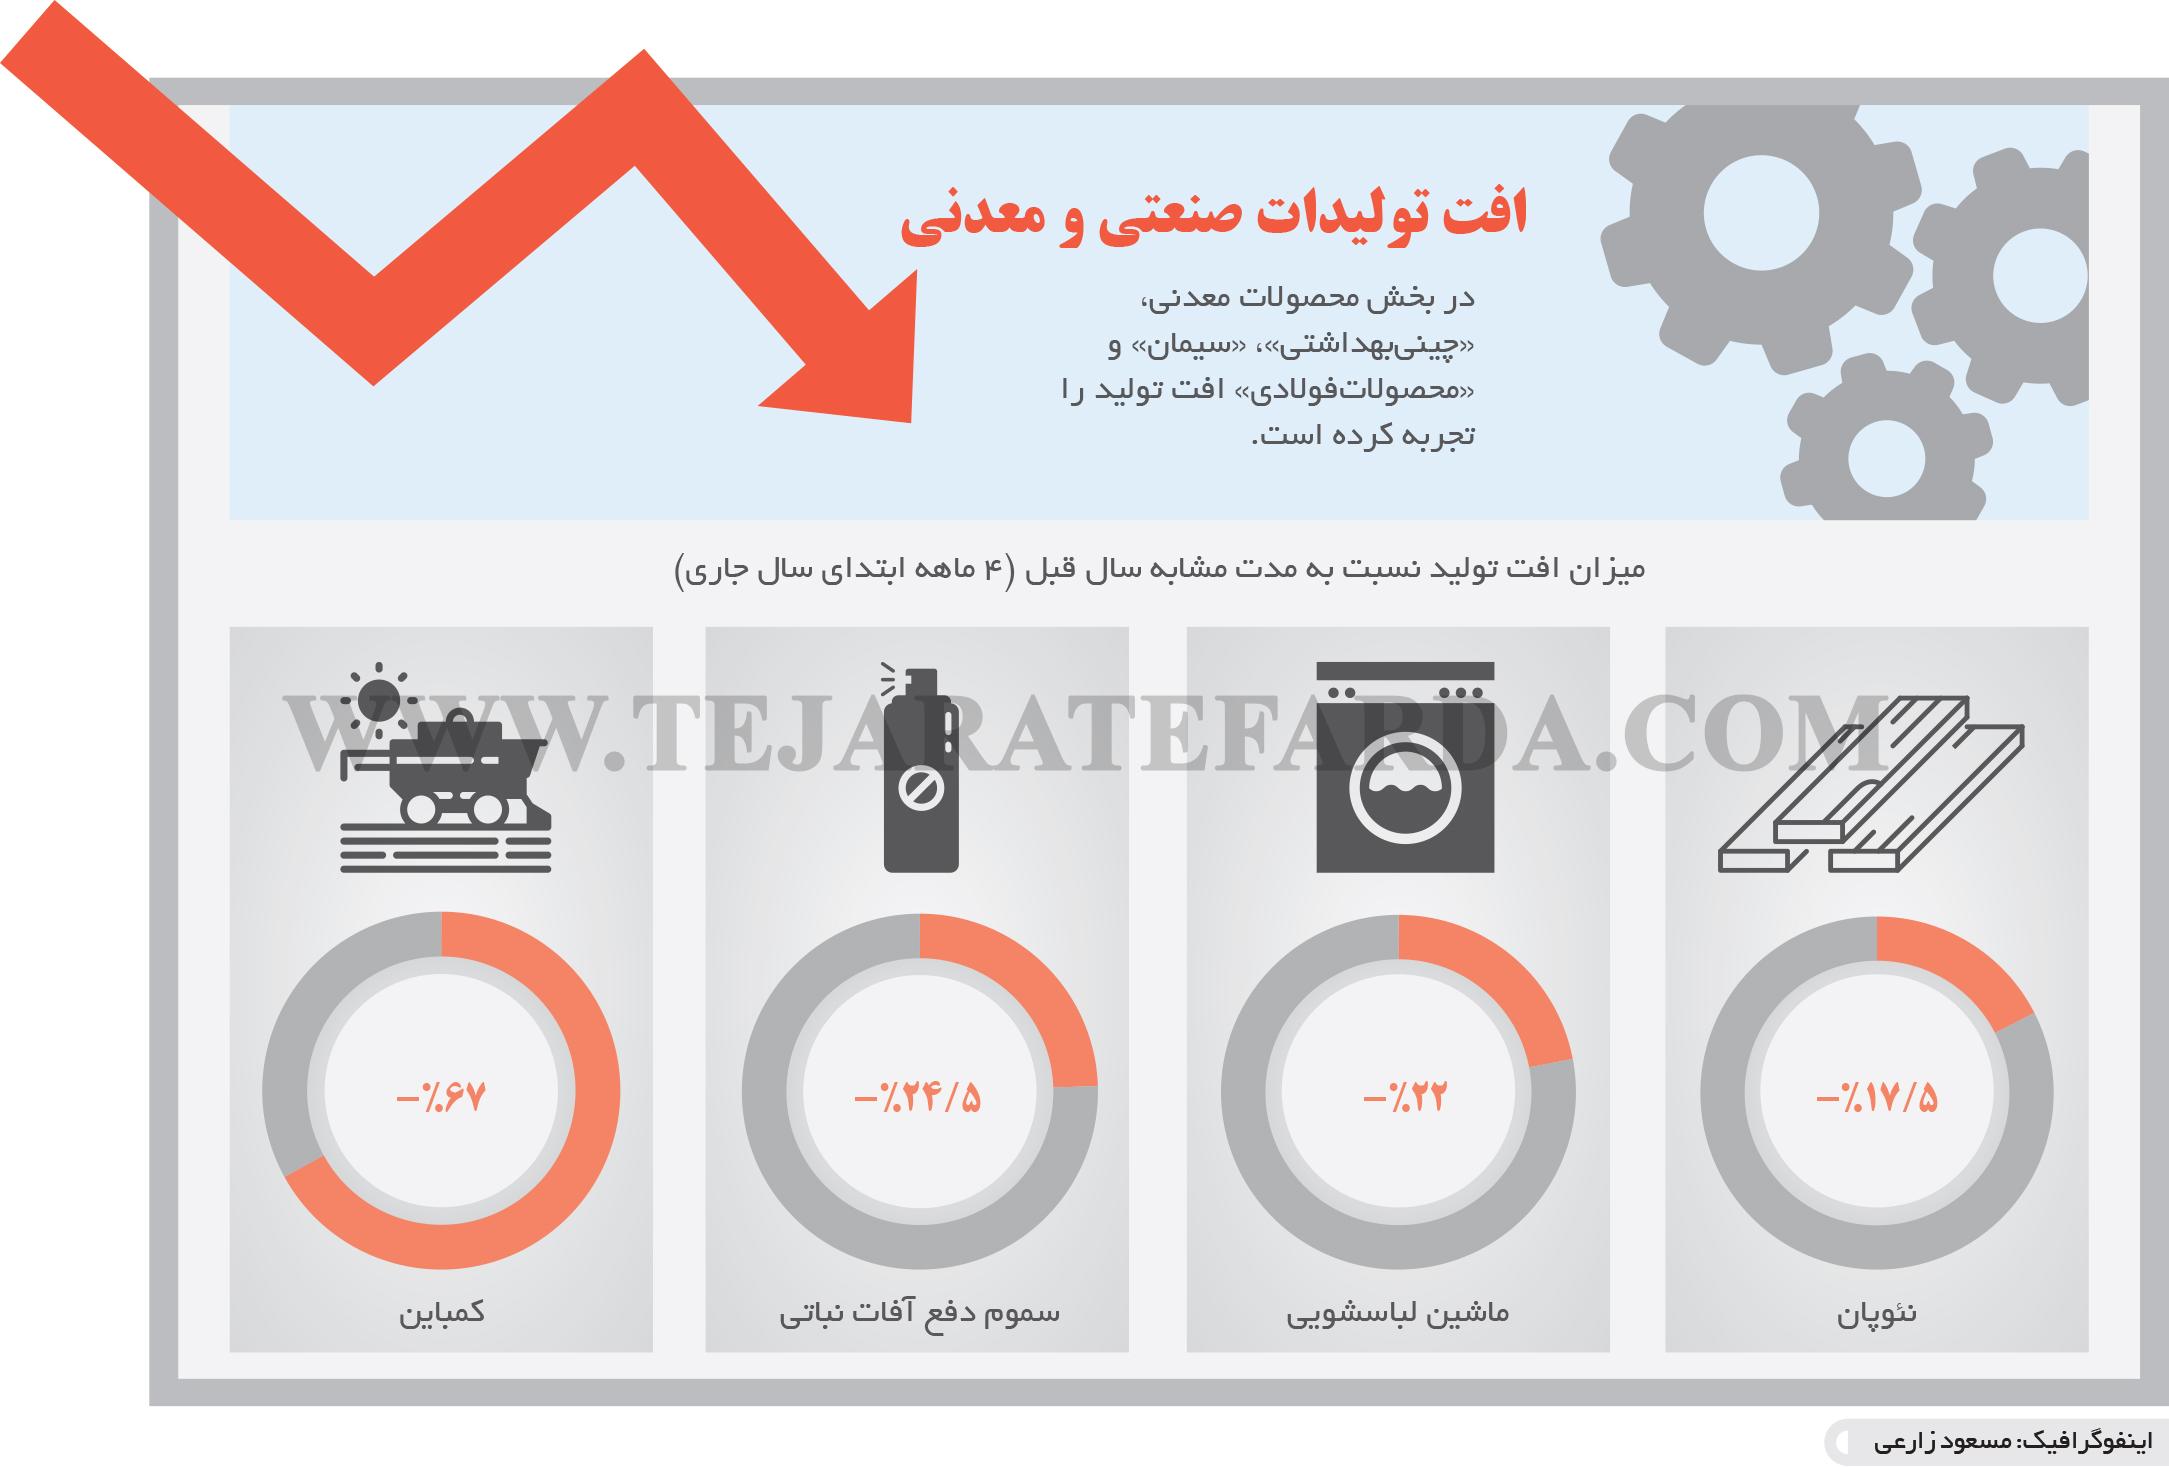 تجارت- فردا- افت تولیدات صنعتی و معدنی (اینفوگرافیک)